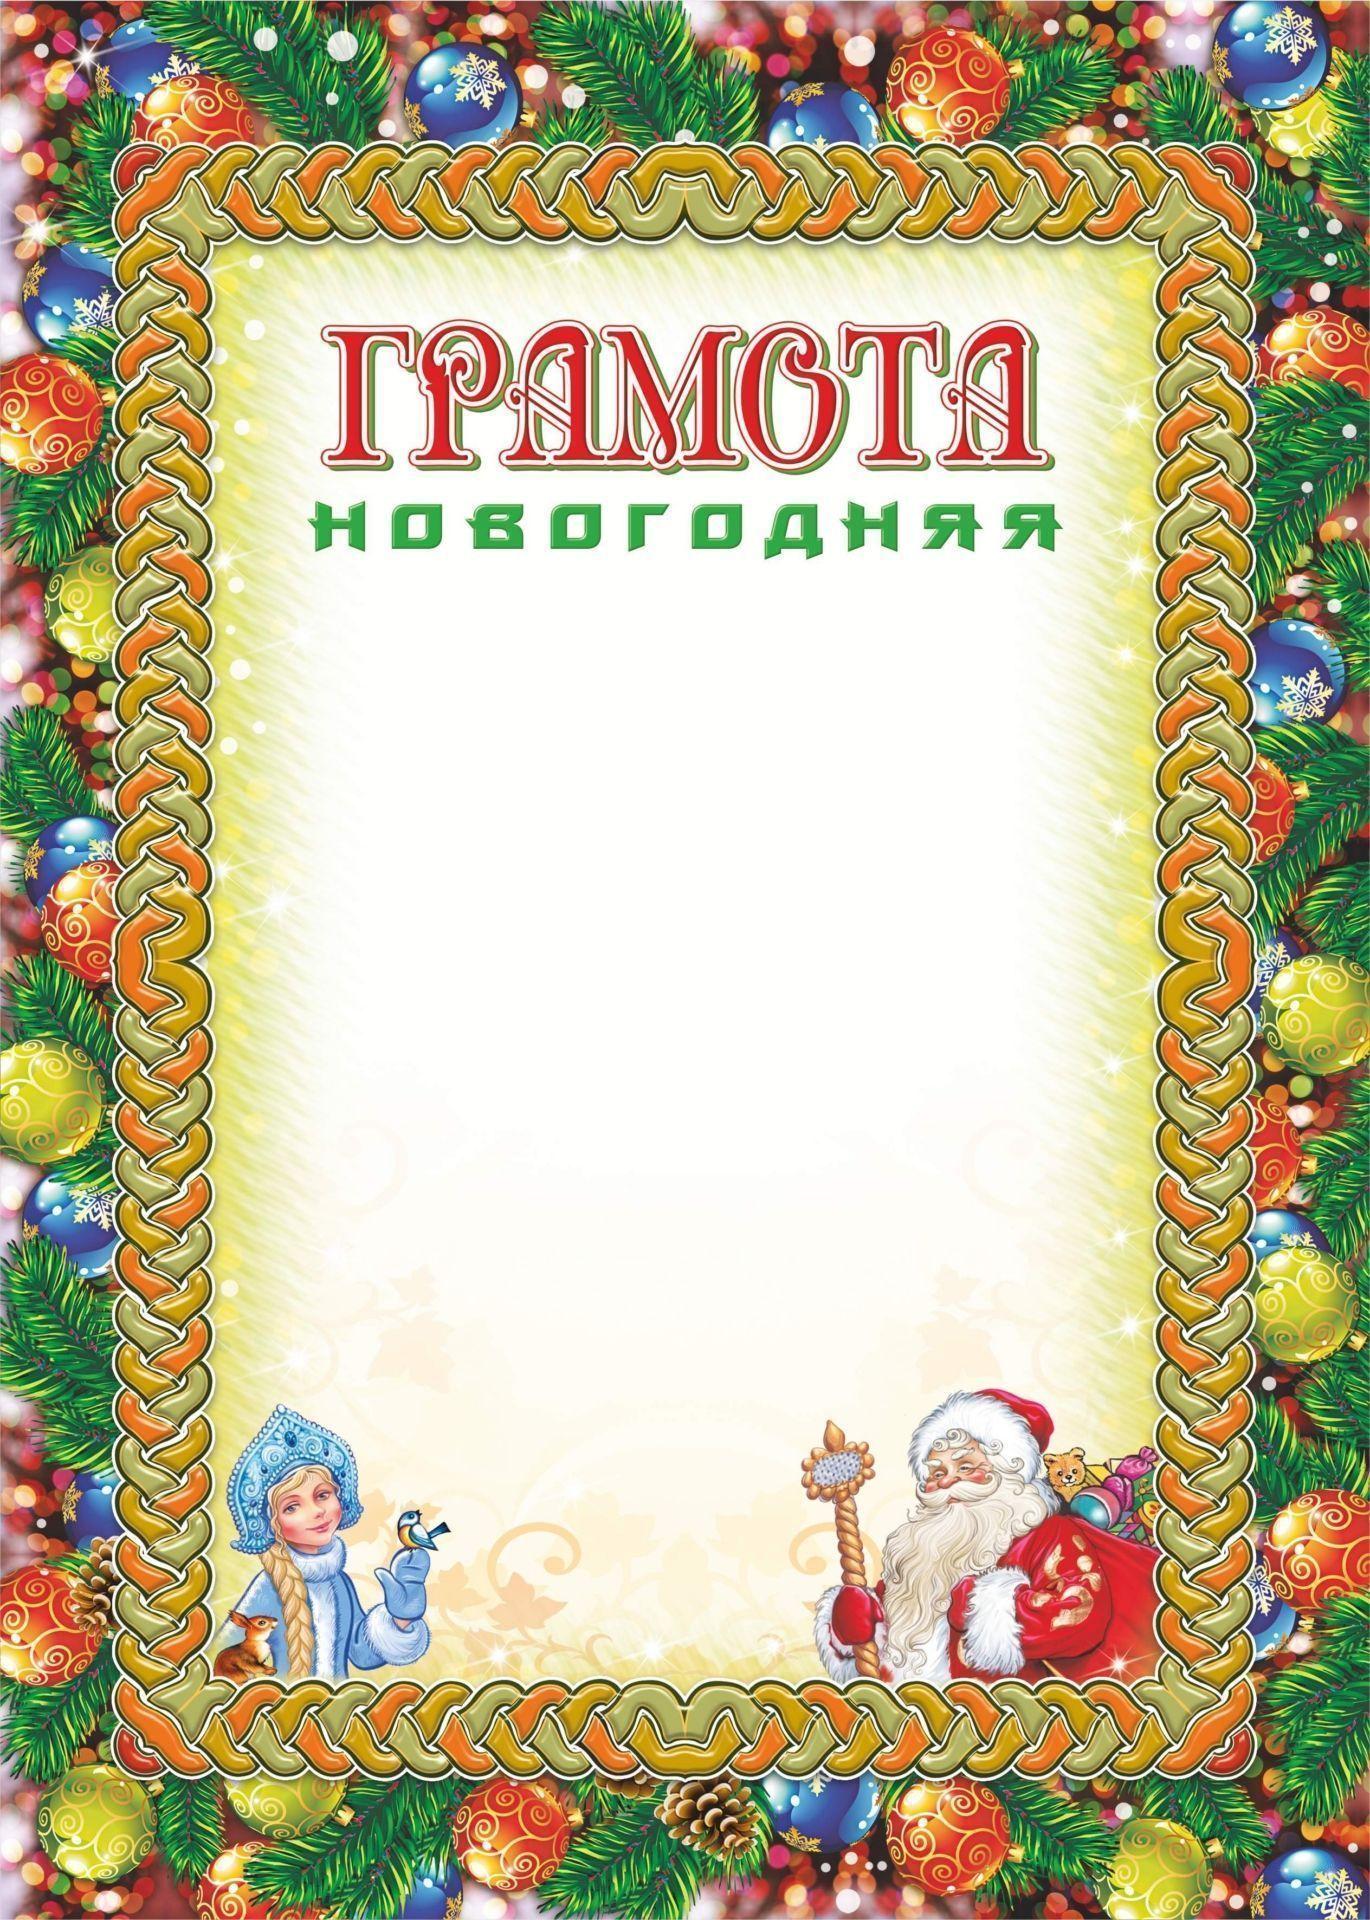 Грамота новогодняя (УФ-лакирование)